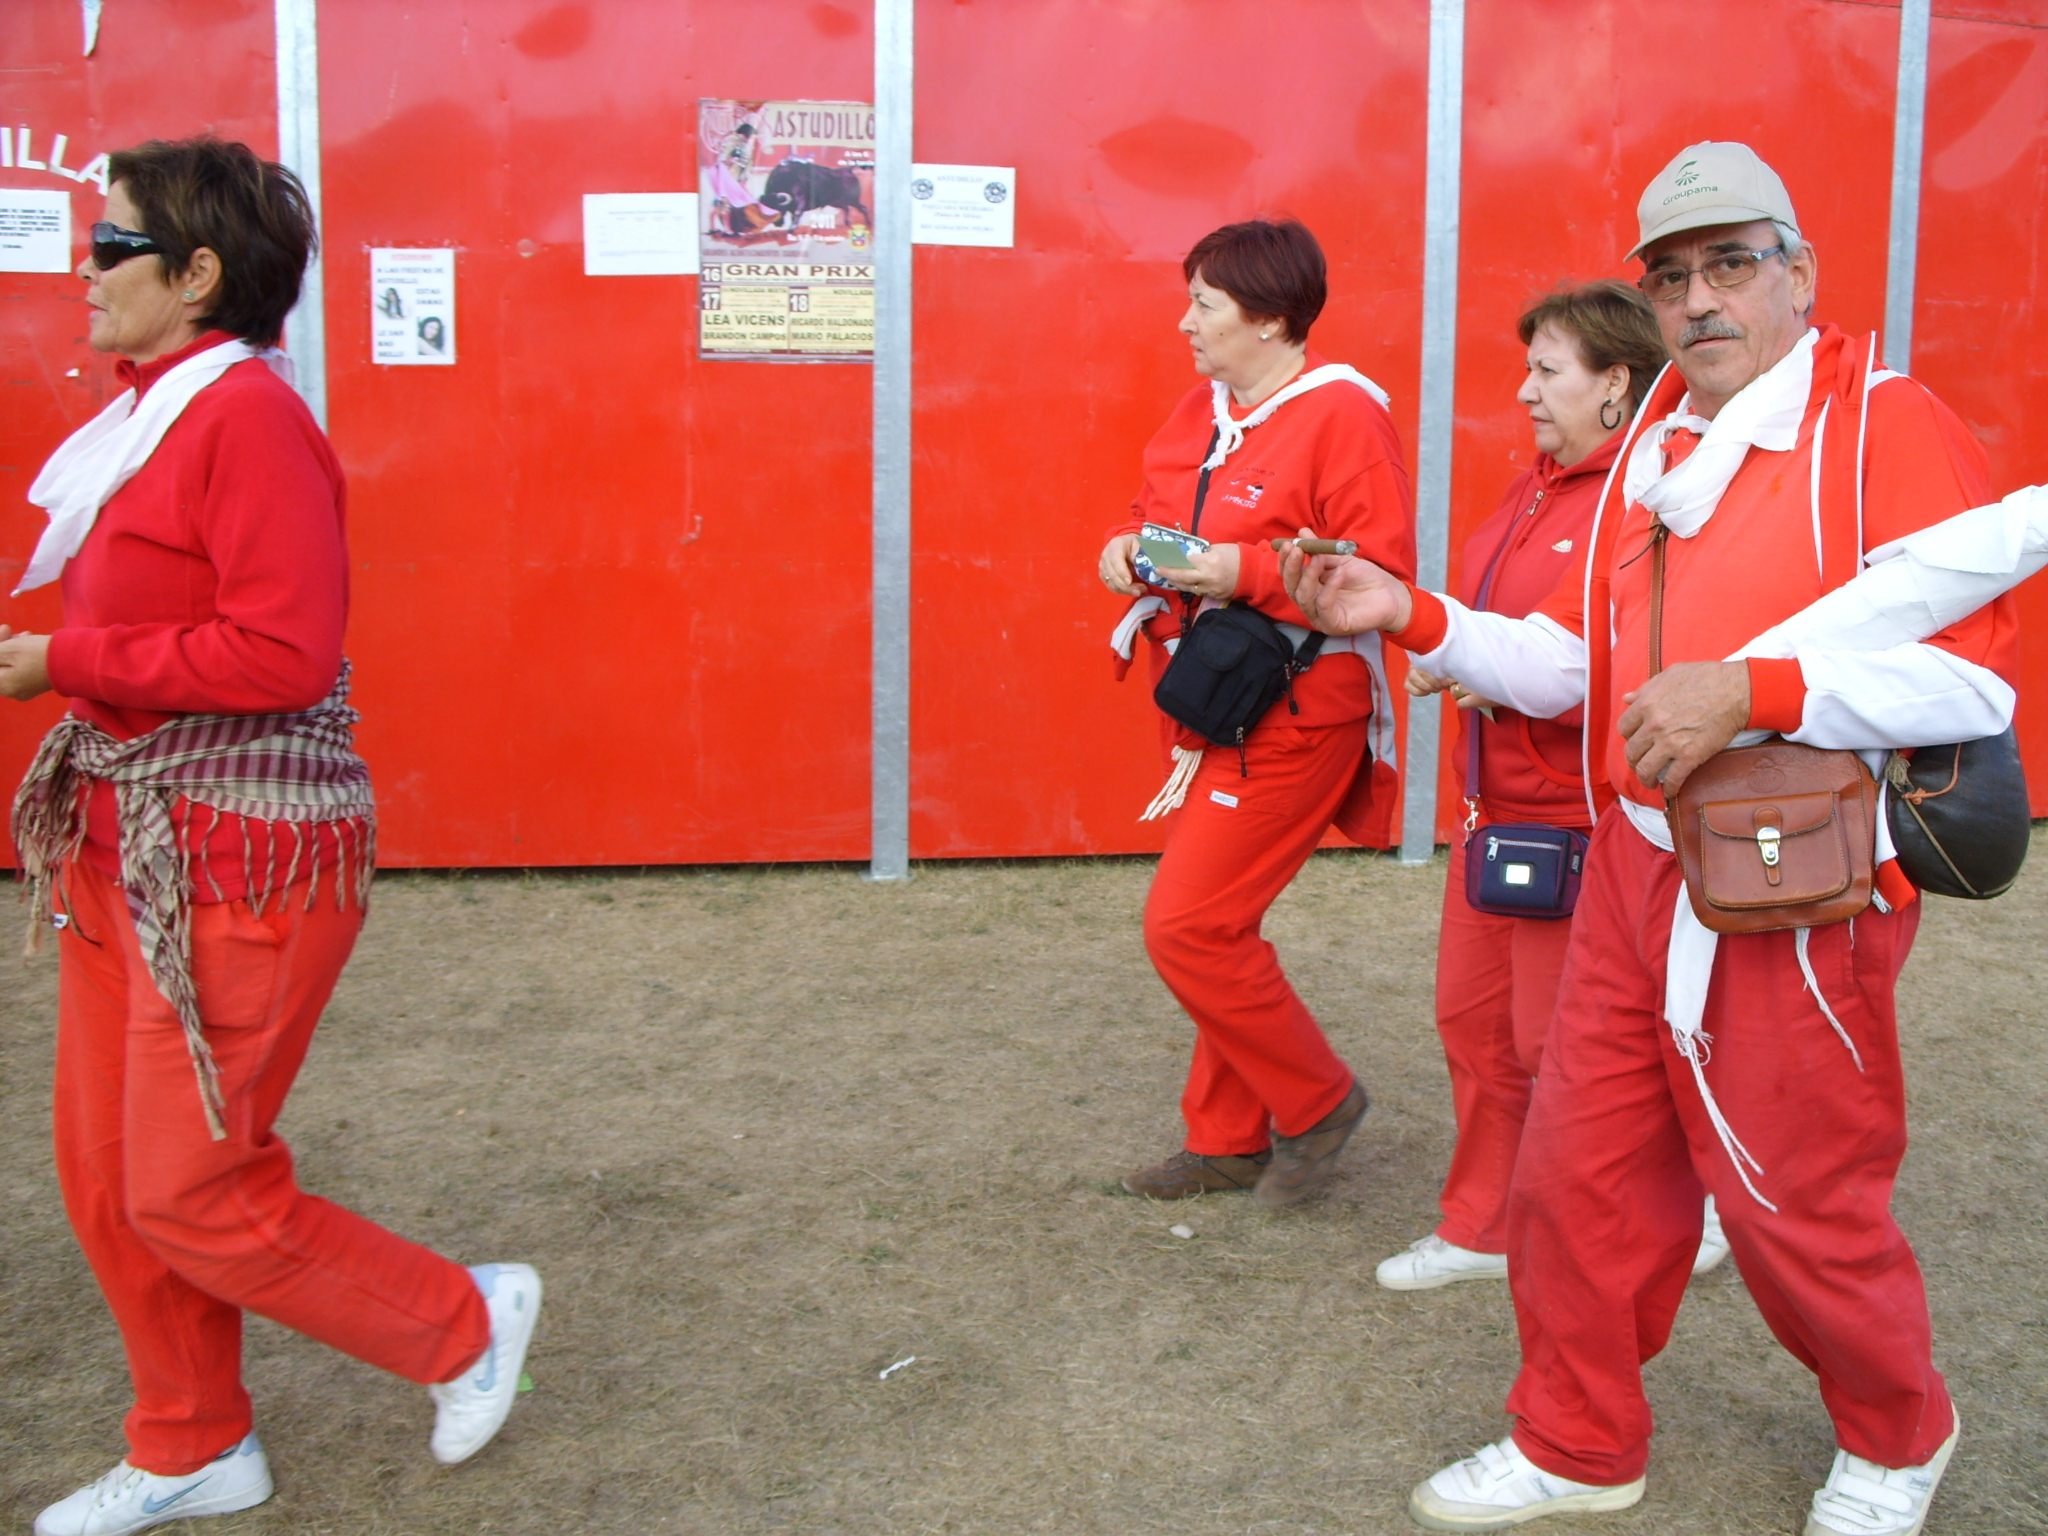 Fiestas de Astudillo 2011 41